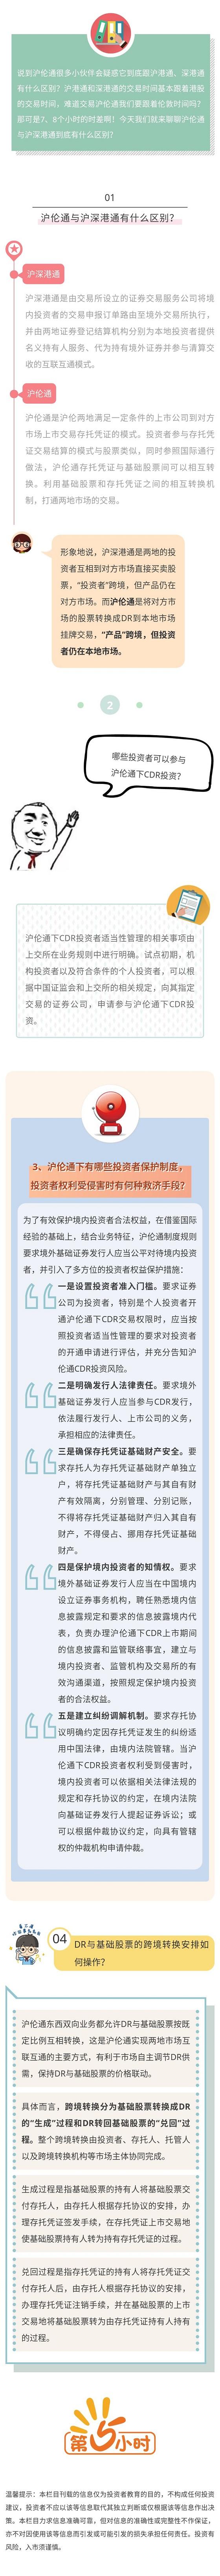 沪伦通与沪深港通到底有什么区别?.jpg